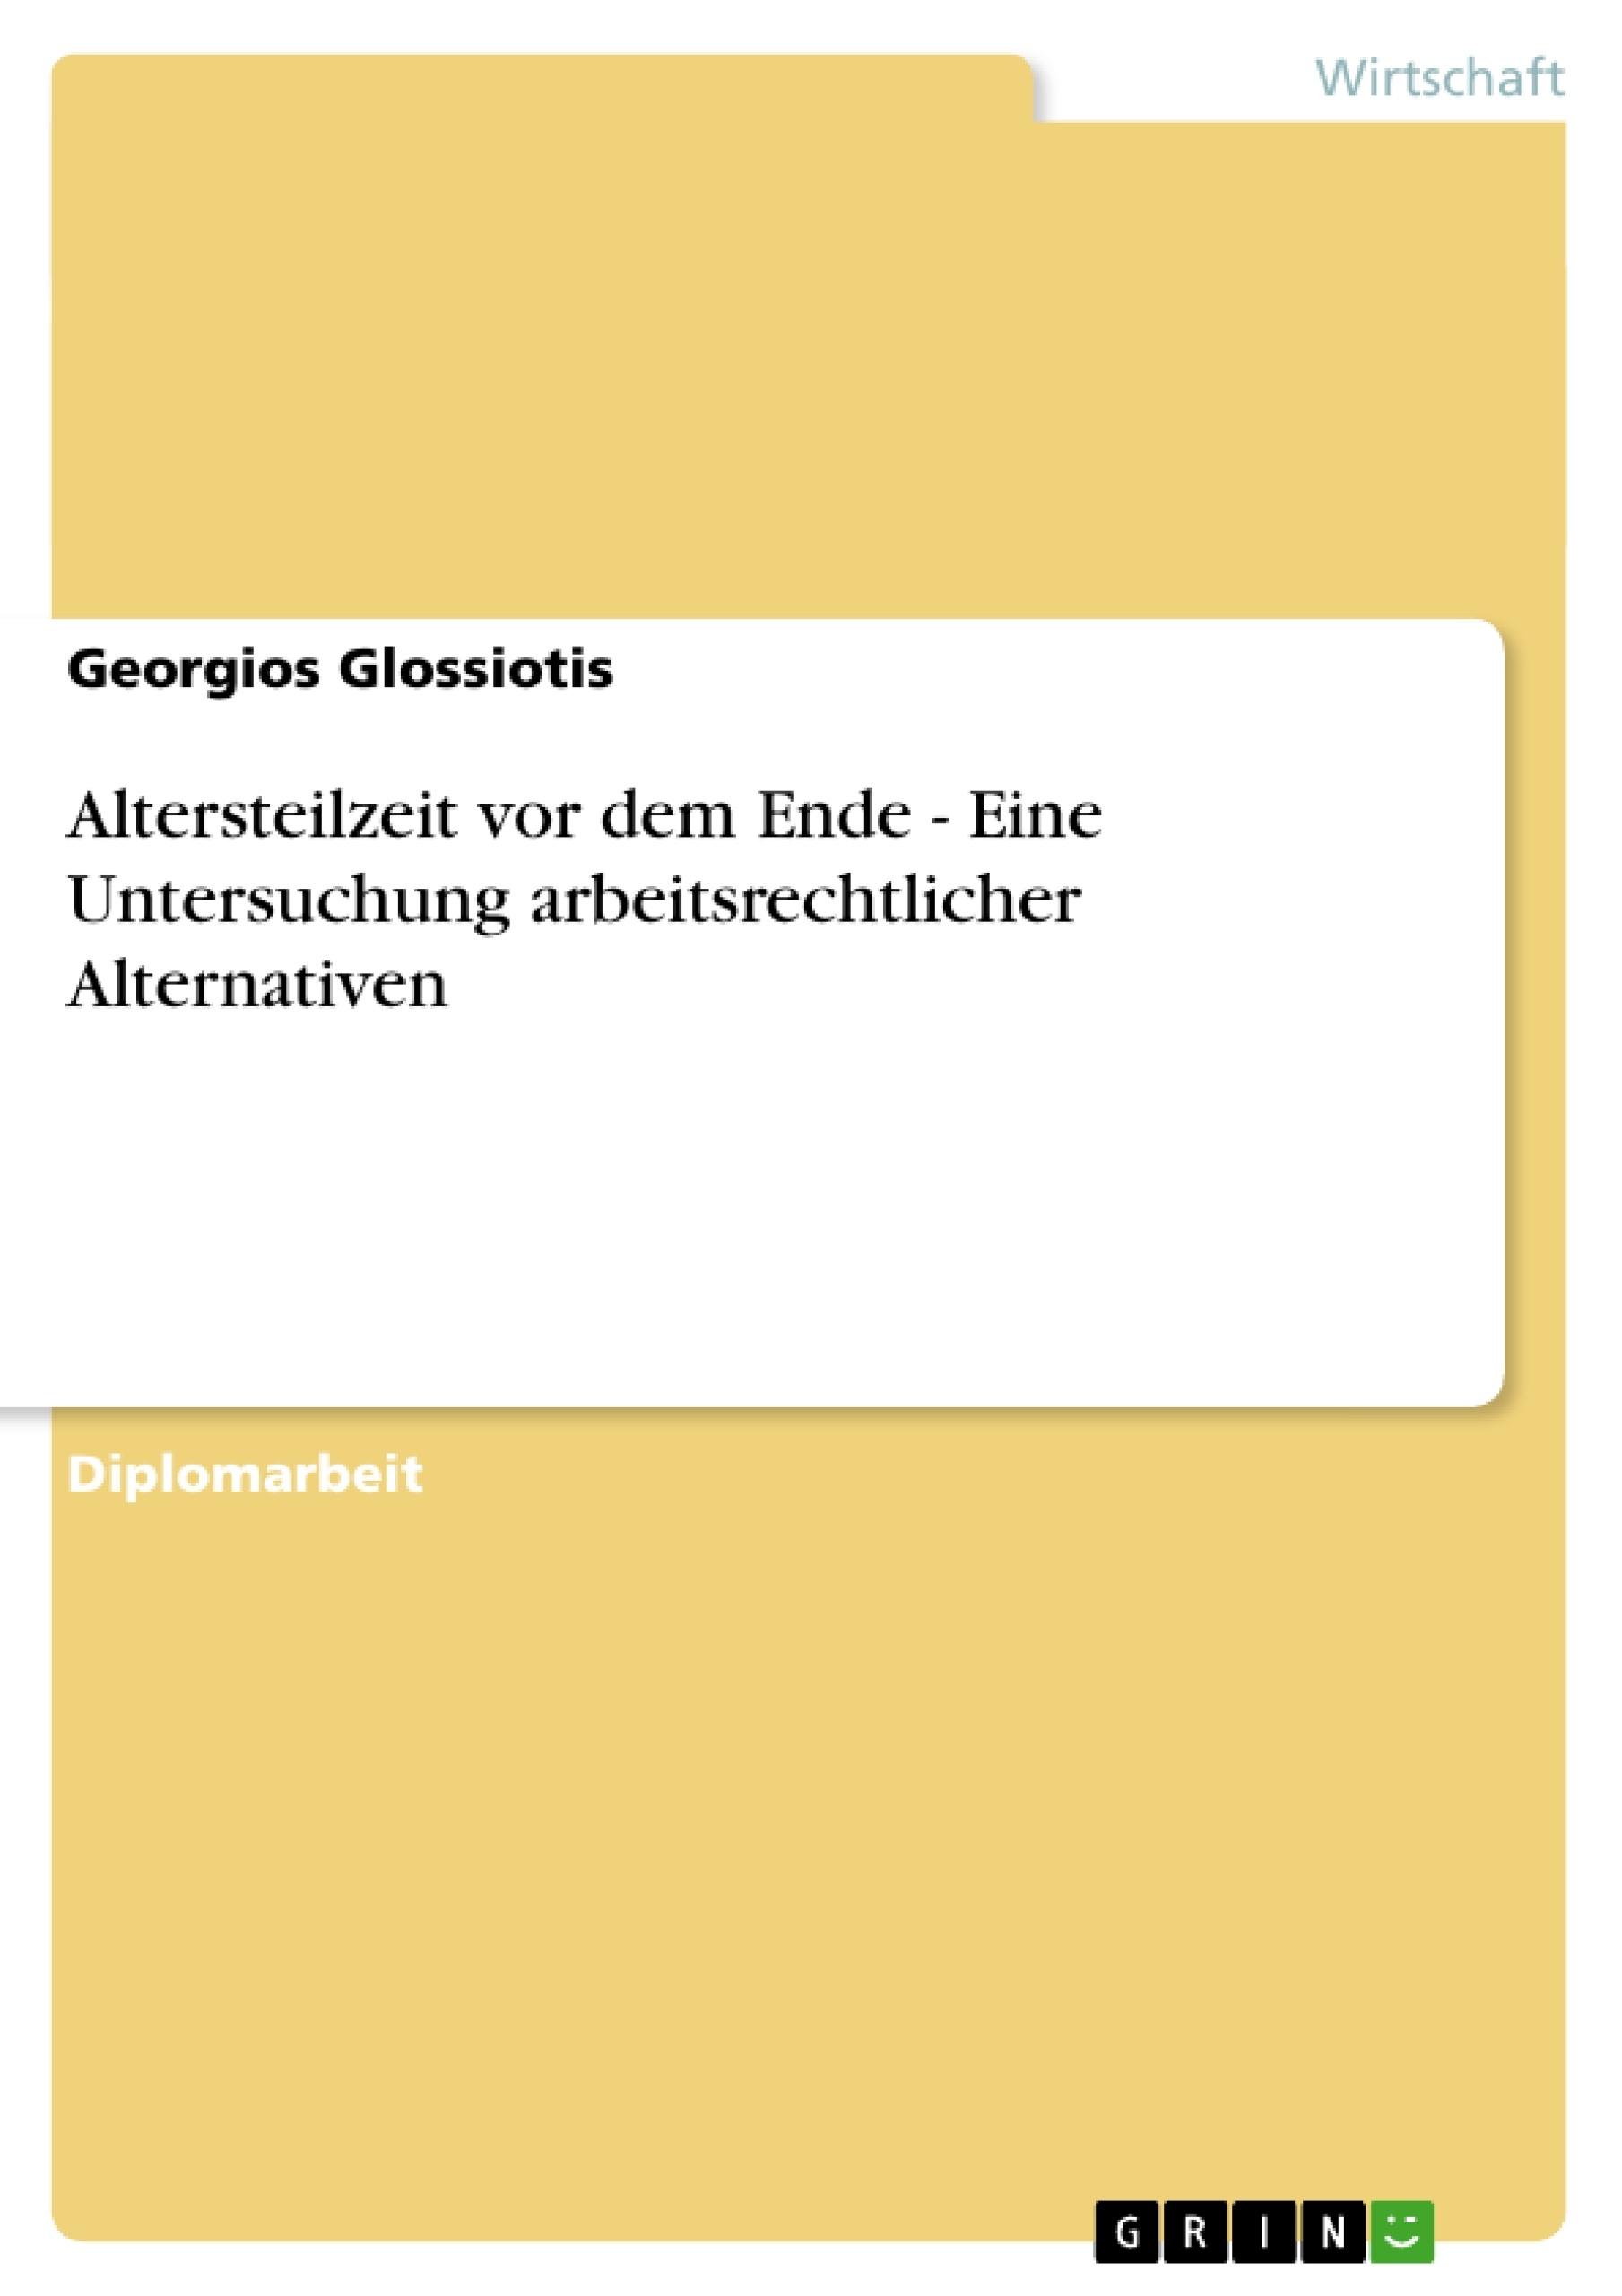 Titel: Altersteilzeit vor dem Ende - Eine Untersuchung arbeitsrechtlicher Alternativen